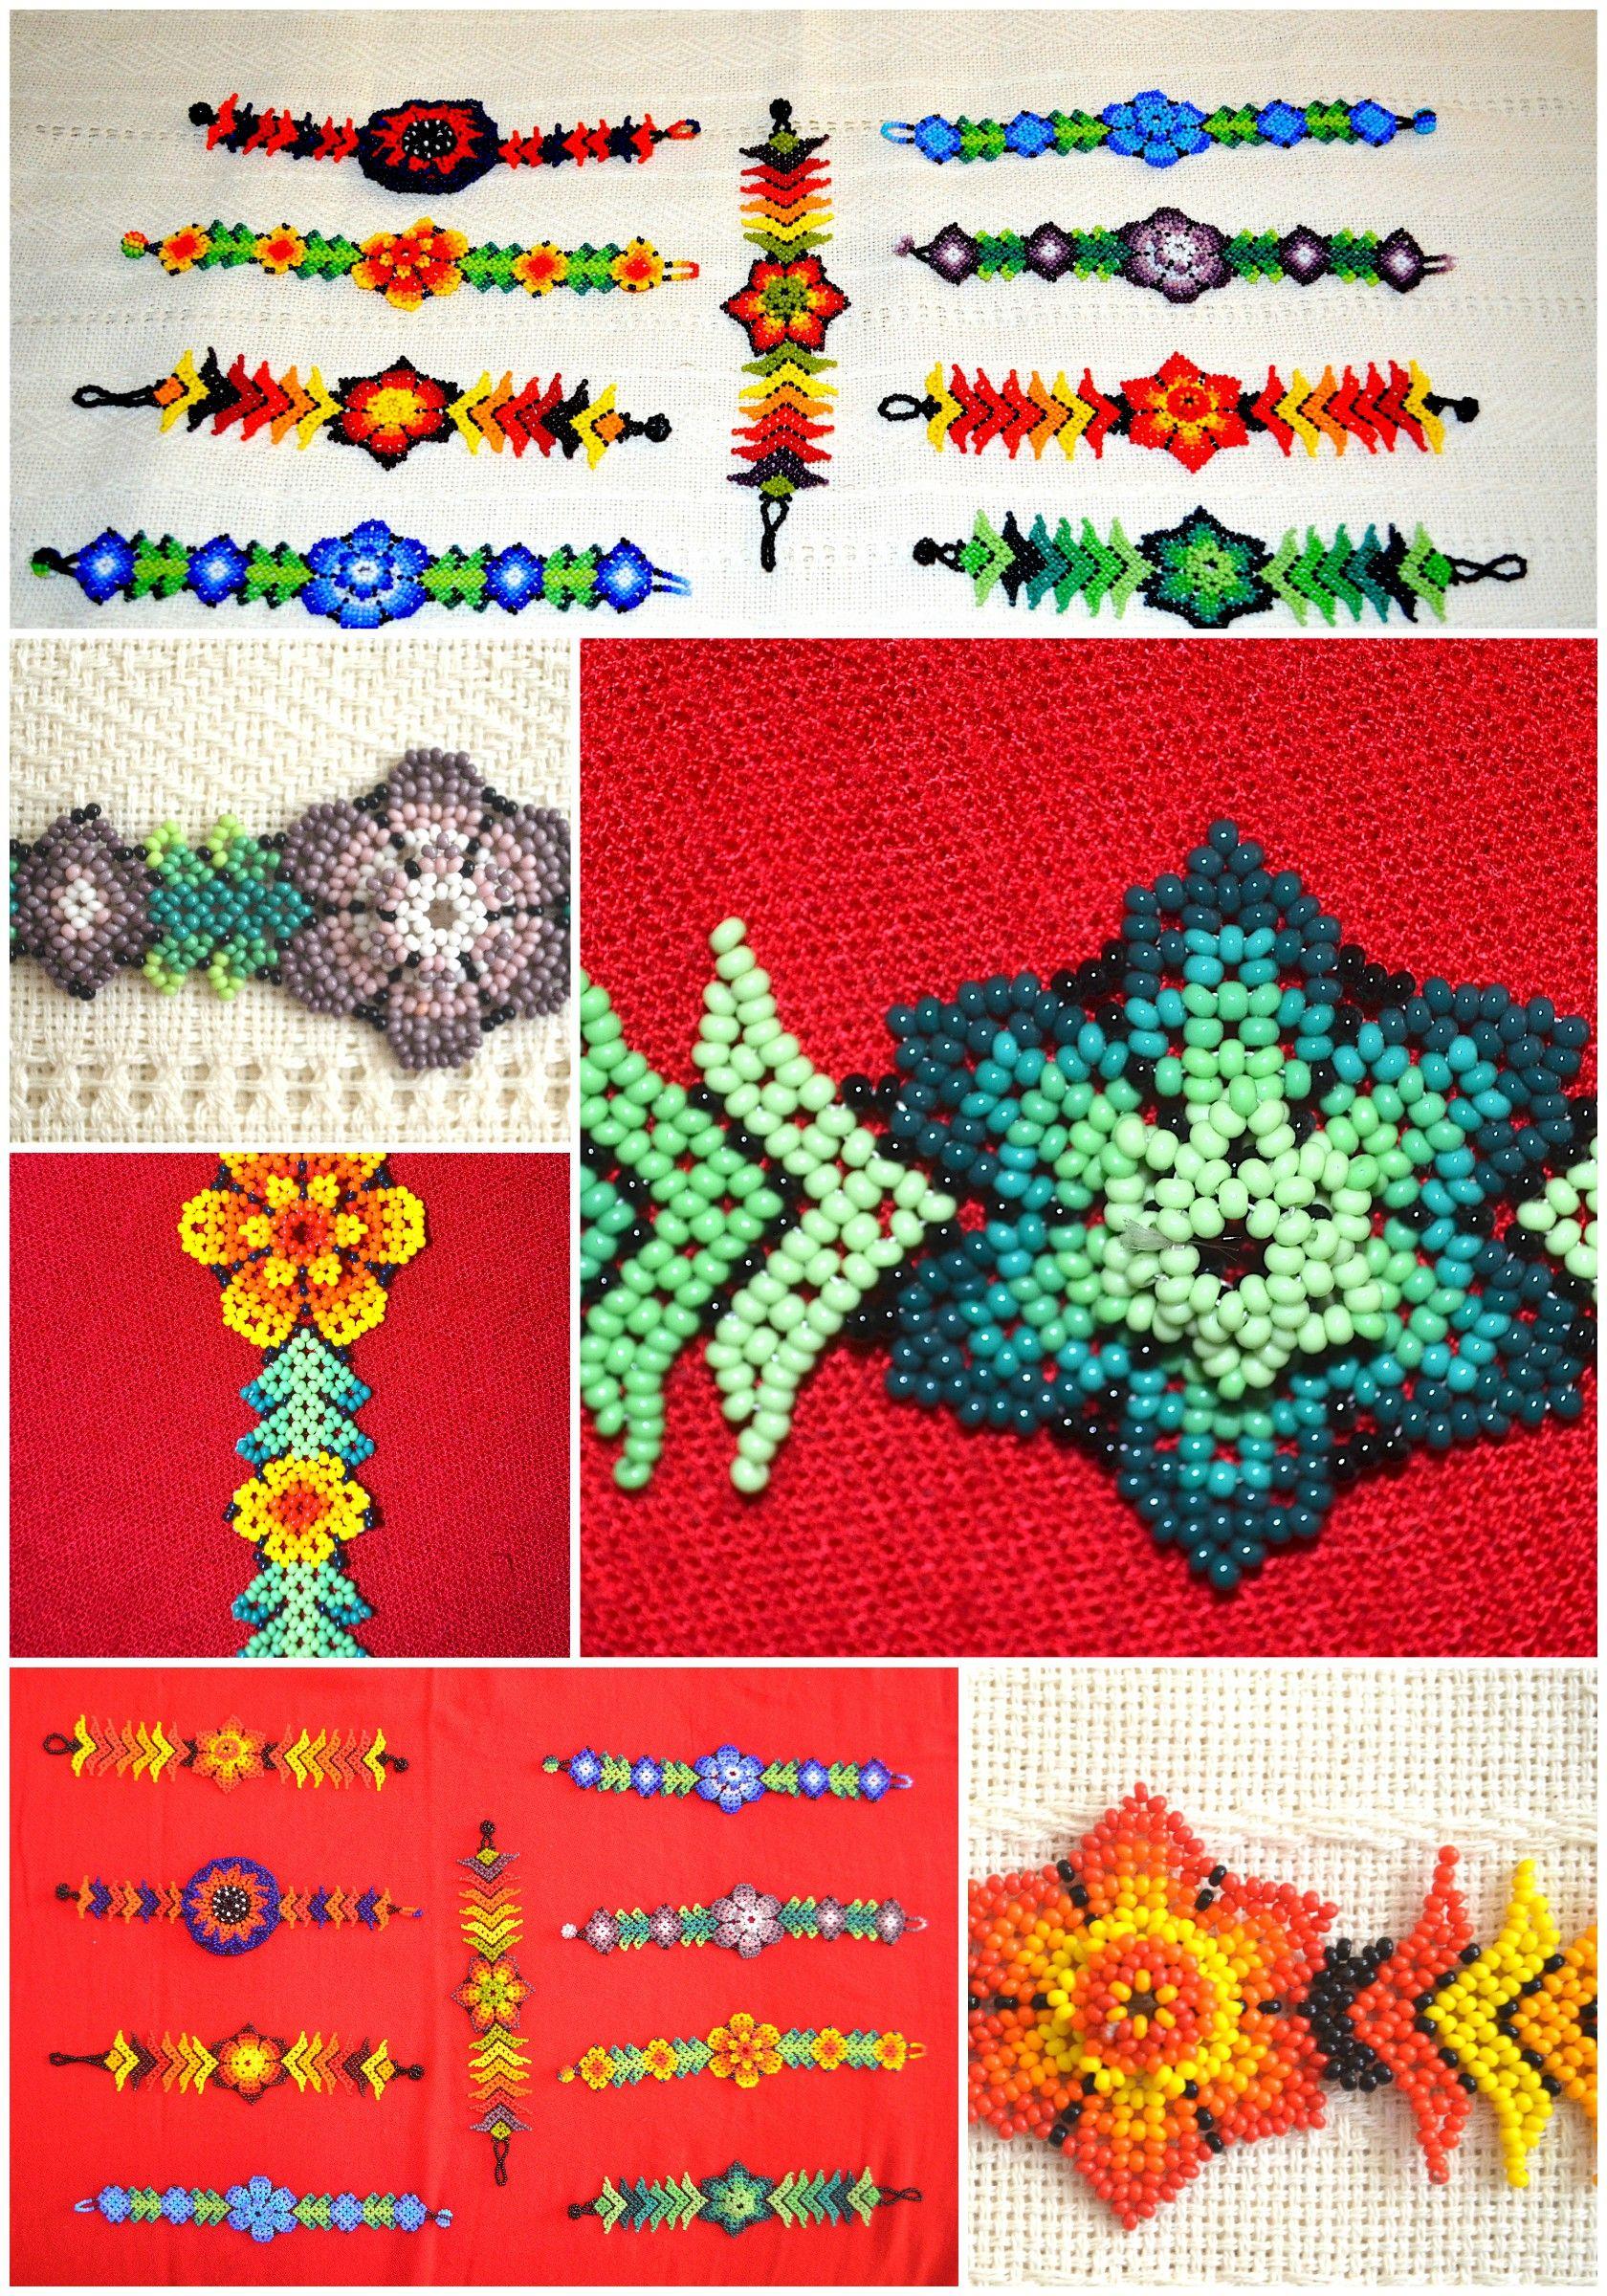 b42043c0f0d9 Pulsera artesanal Mexicana con material en Chaquira en diversas formas y  colores. Arte Huichol.